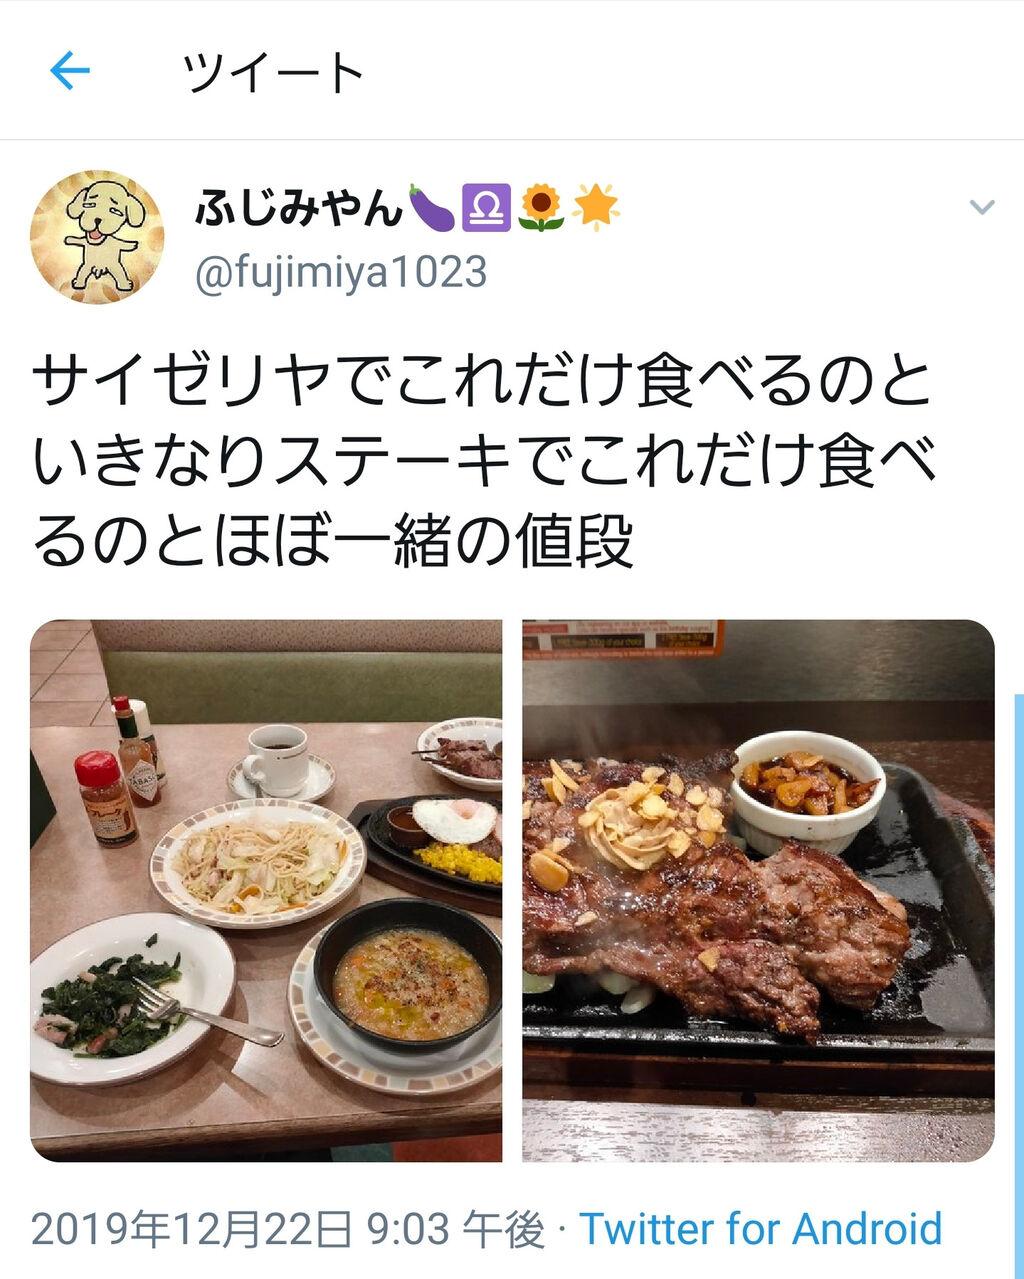 ツイッター「サイゼリヤはいきなりステーキと同じ値段でこれだけ食えます」